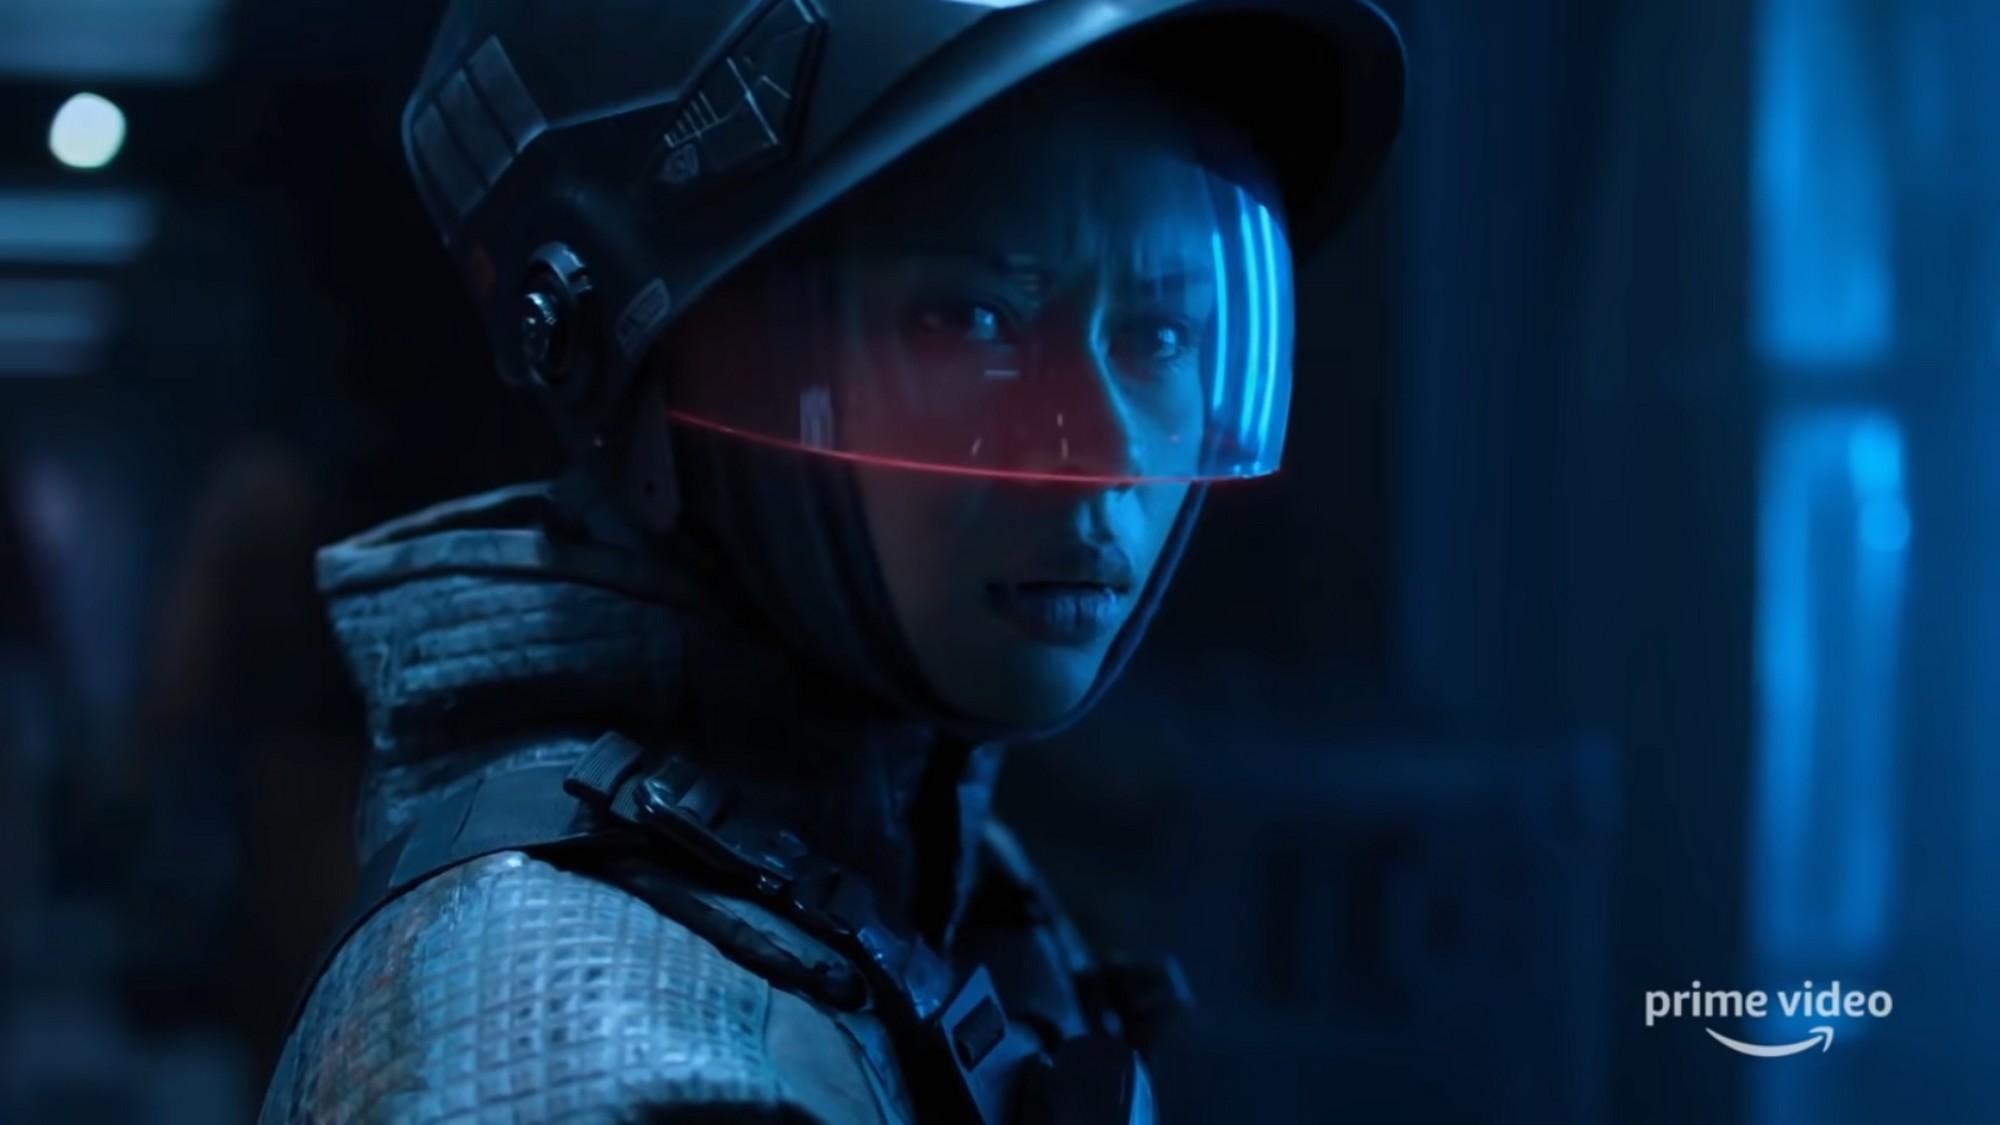 Grâce à cette saison 4, The Expanse est un chef-d'œuvre de la science-fiction